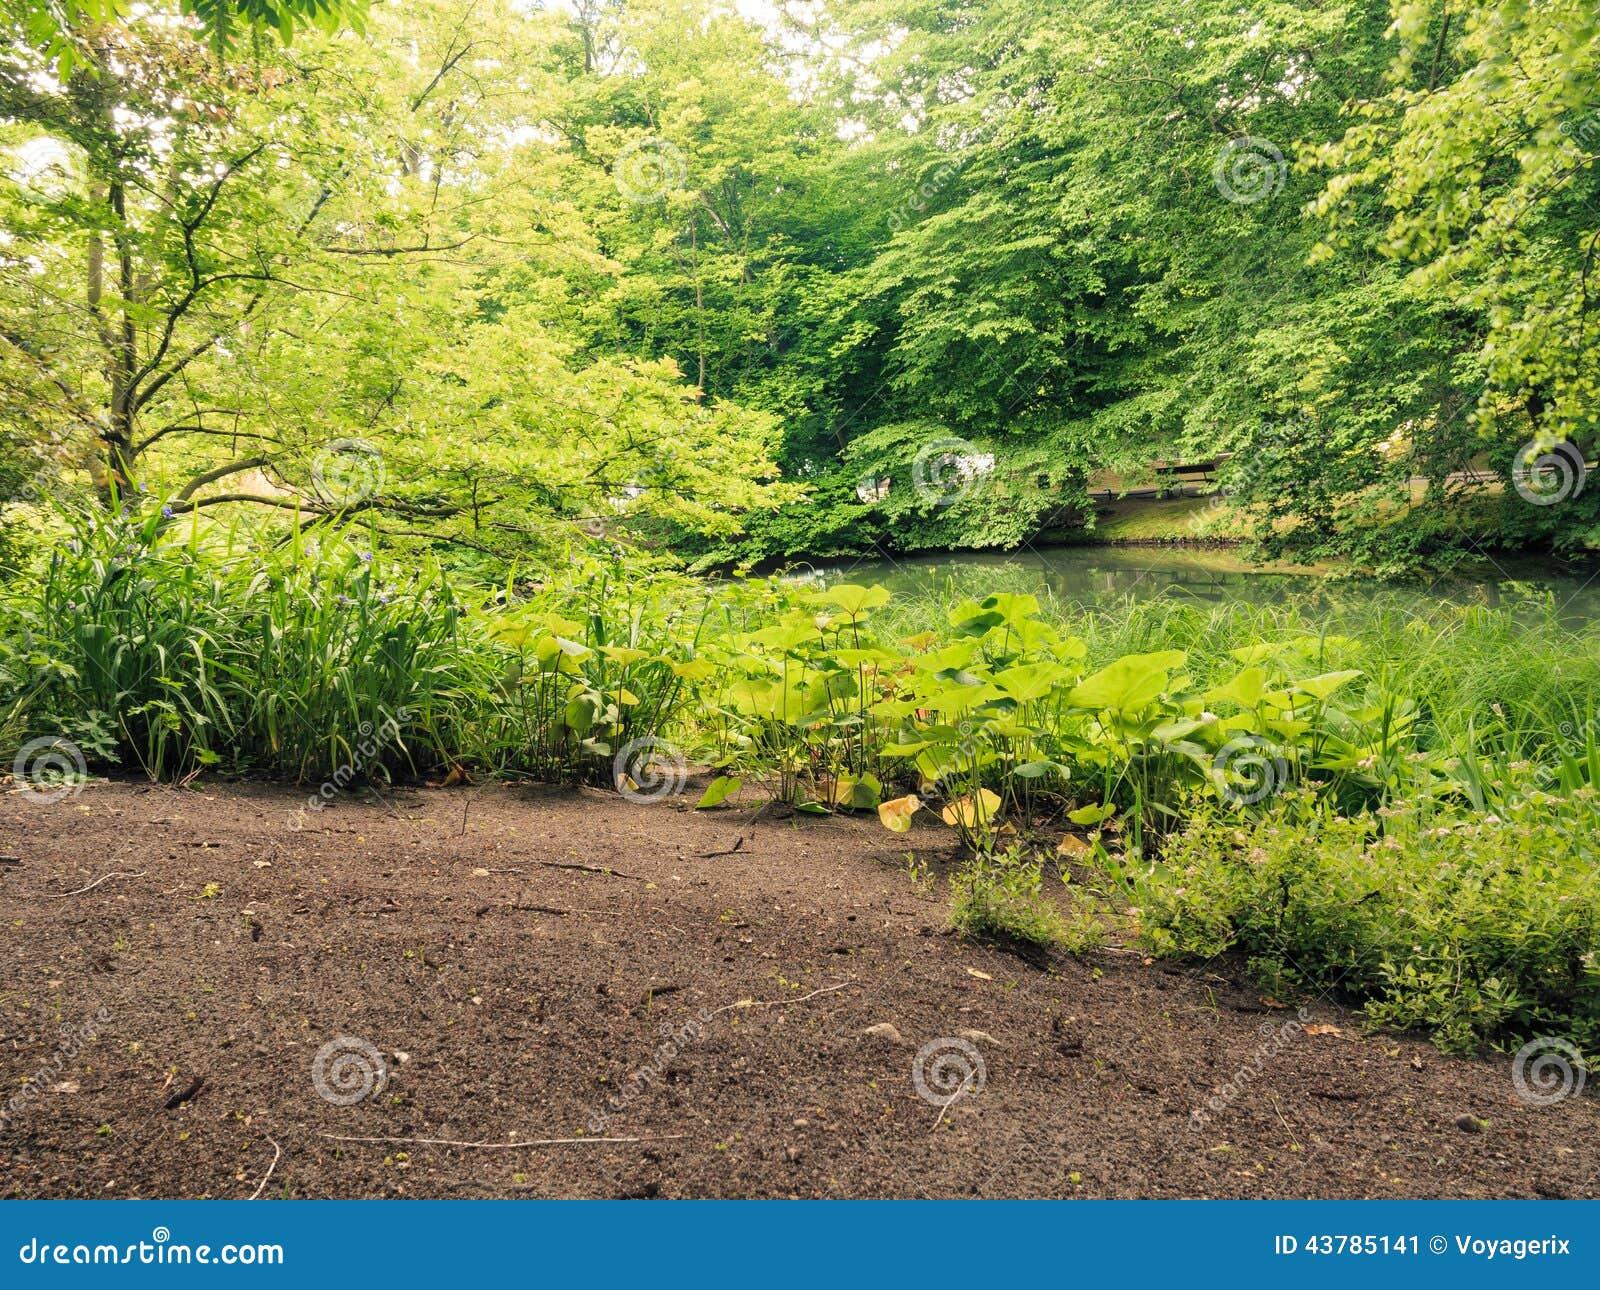 flores jardim exterior : flores jardim exterior:Natural Grasses Plant Landscape